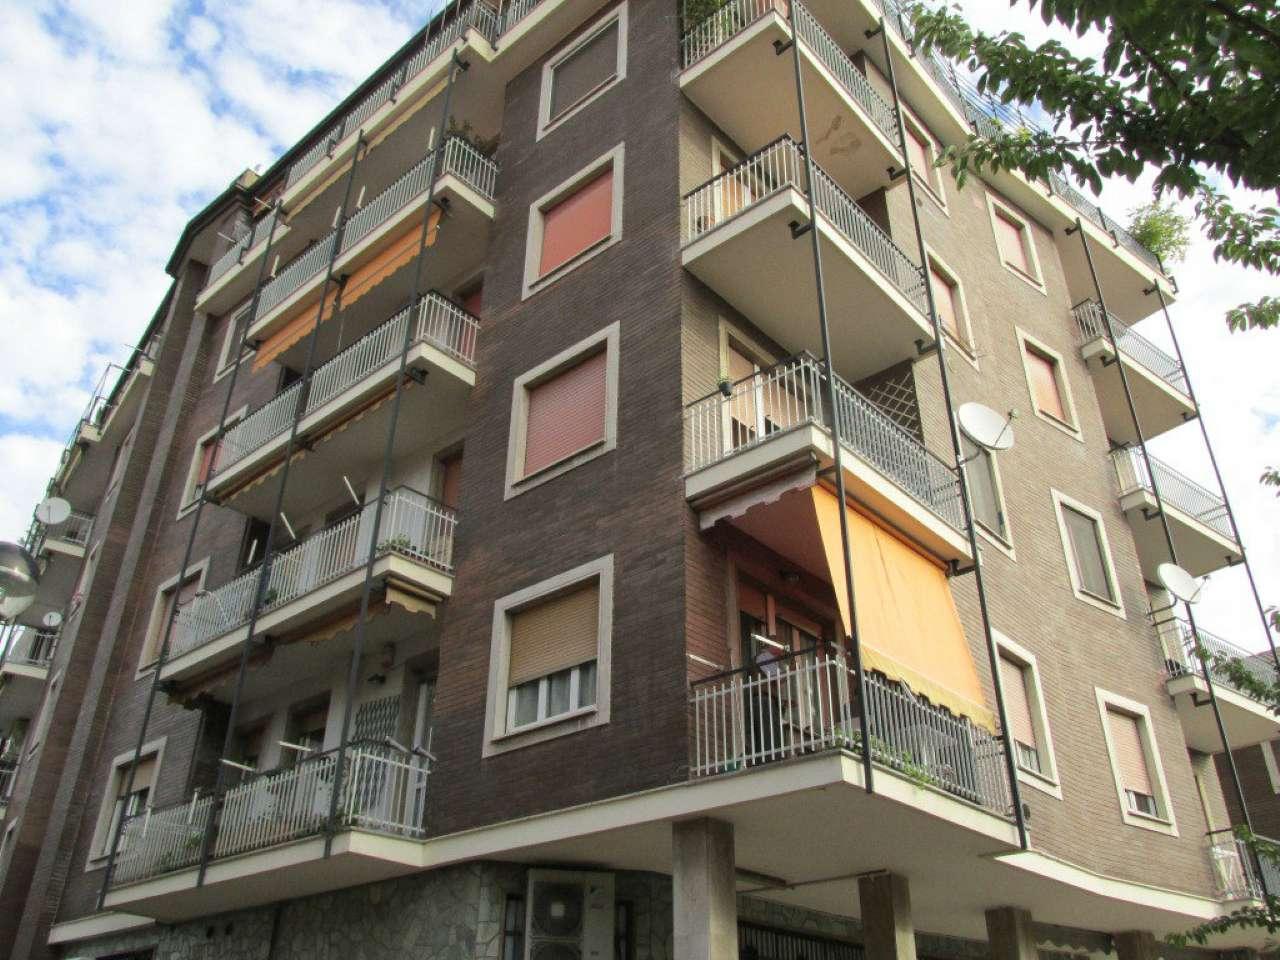 Appartamento in Vendita a Segrate: 3 locali, 0 mq